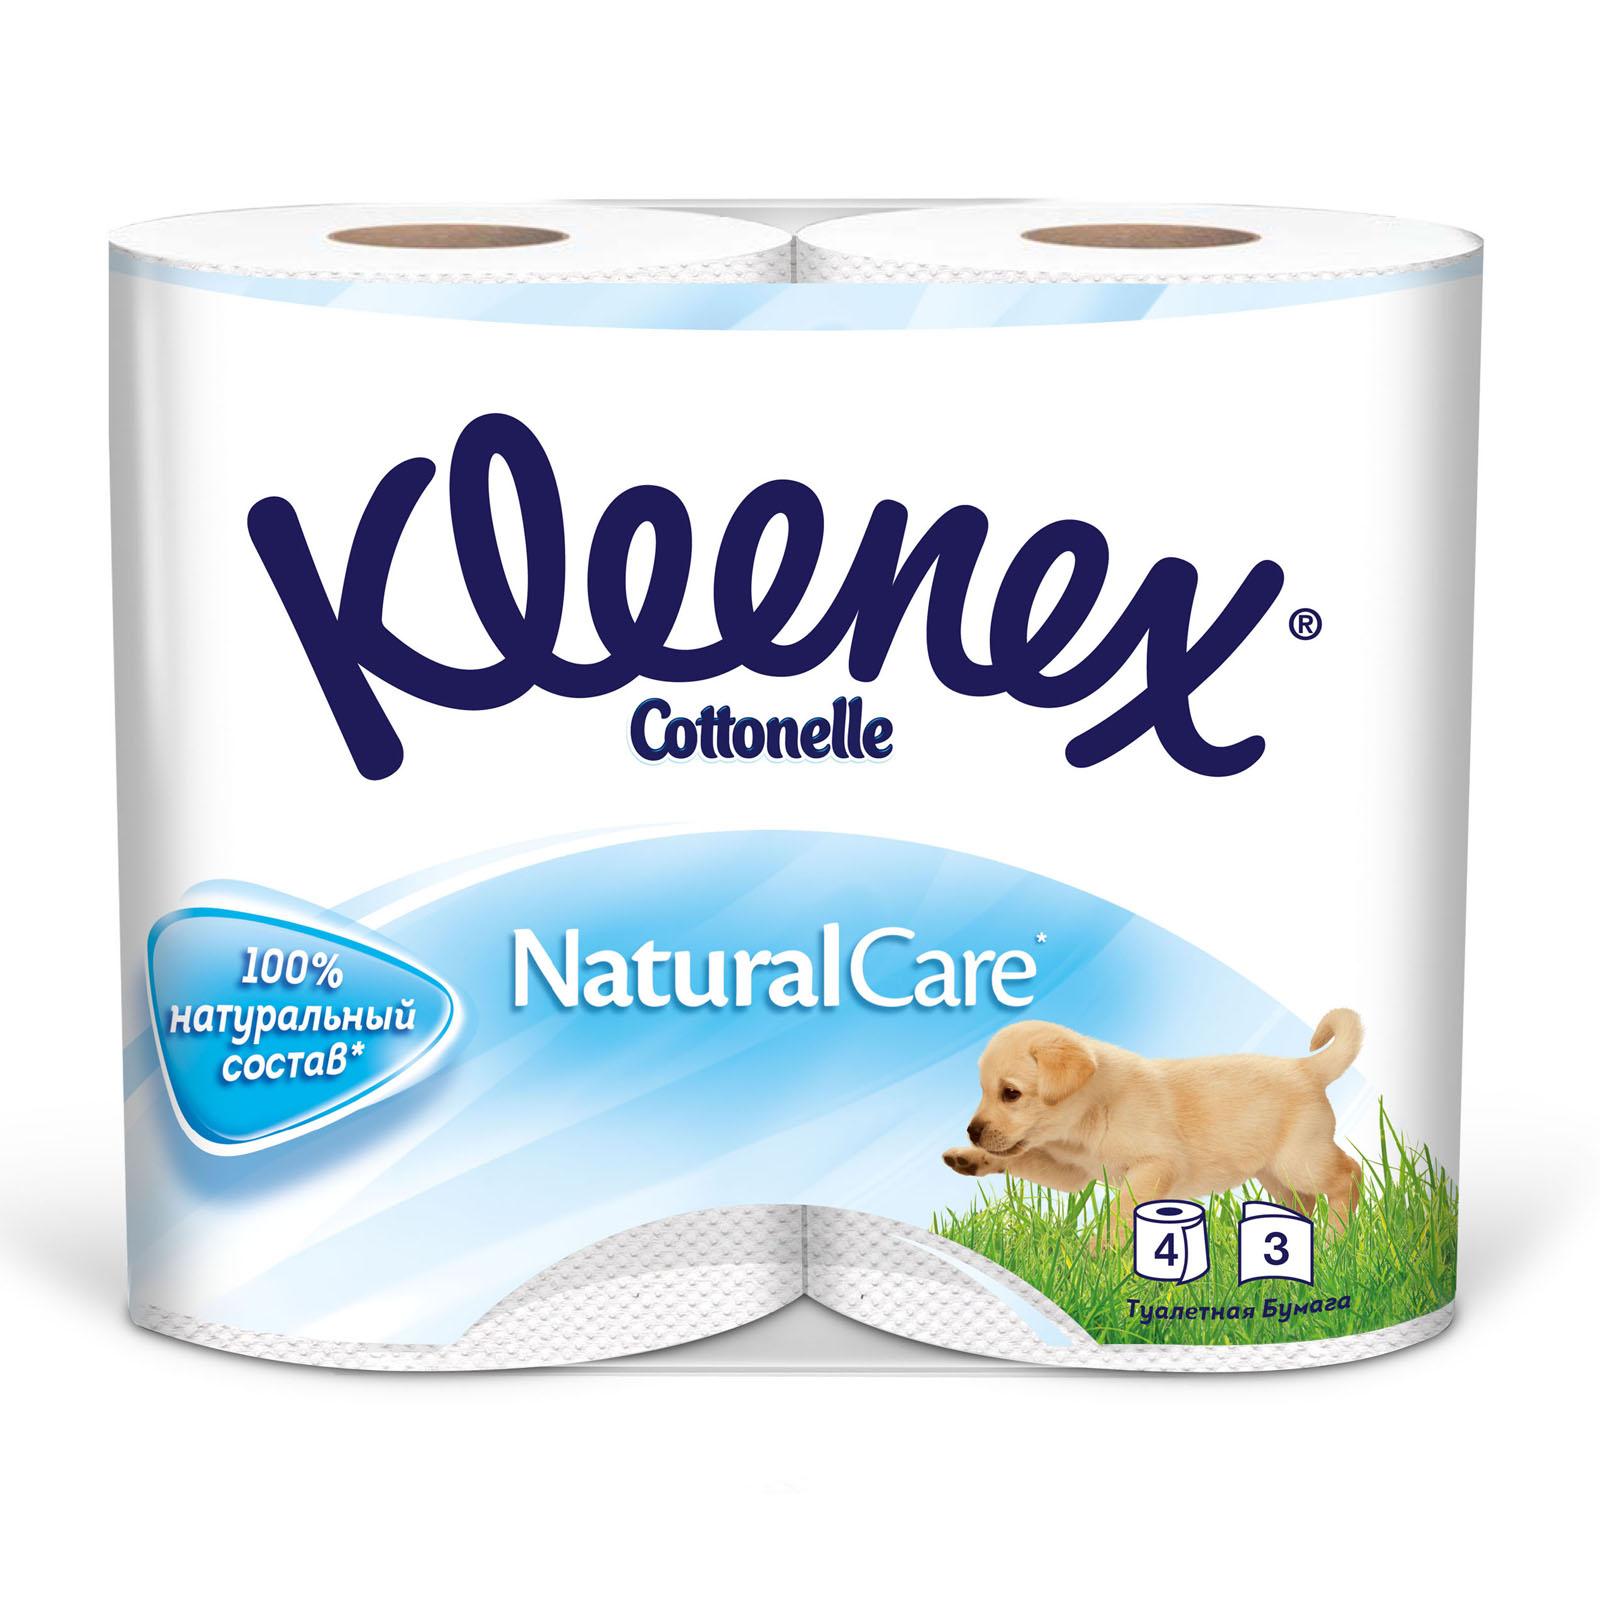 Туалетная бумага Kleenex natural (3 слоя) 4 рулона